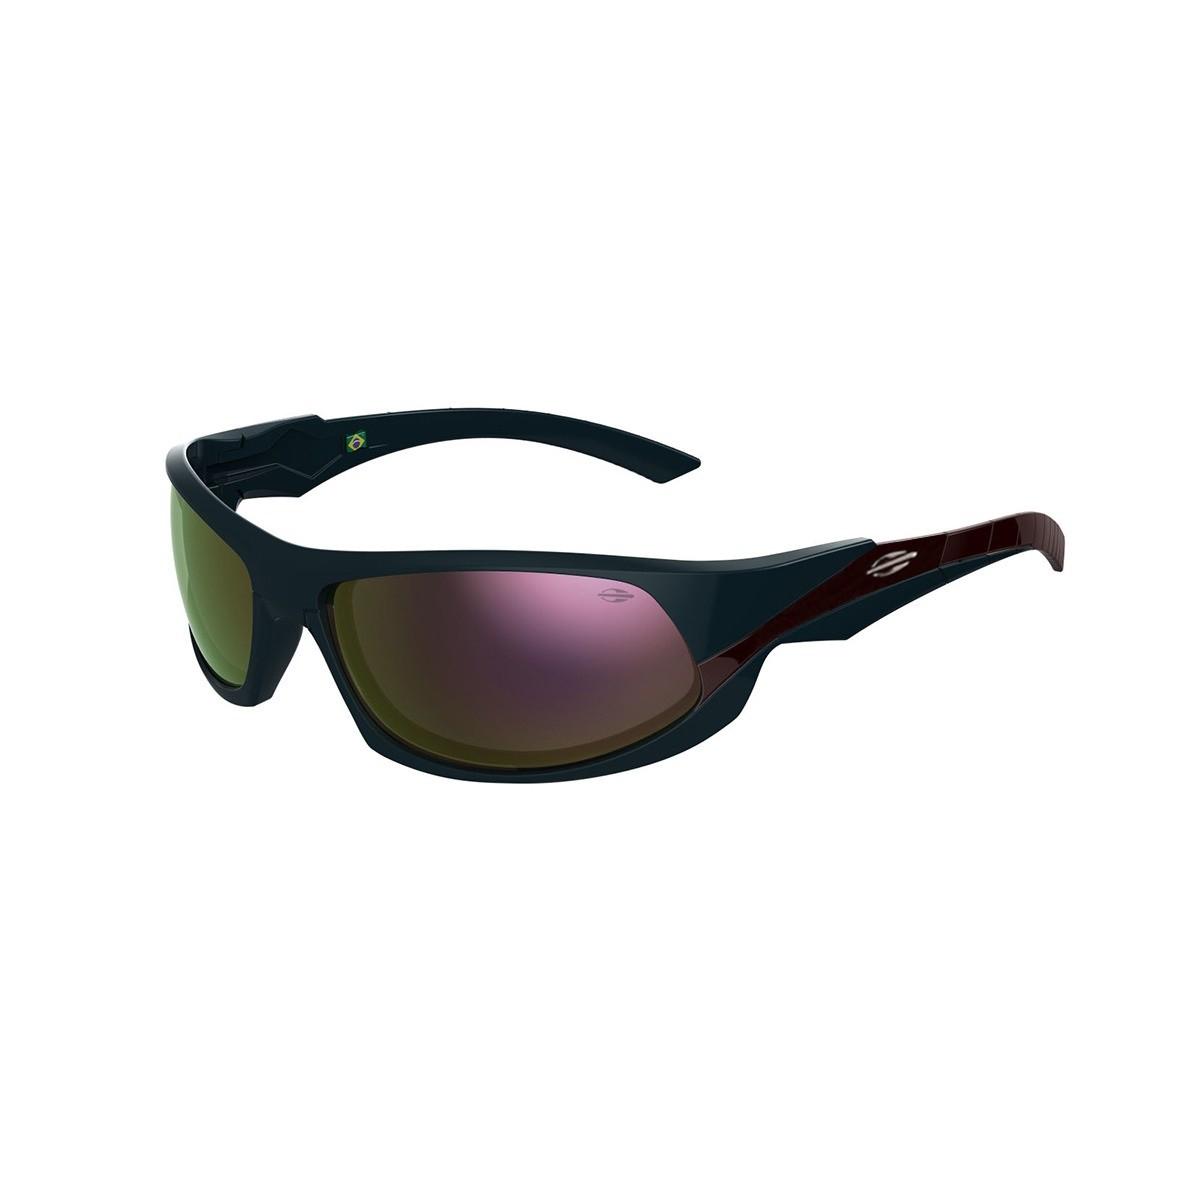 Oculos Sol Mormaii Itacare 2 41205096 Azul Petróleo Lente Dourada Espelhada